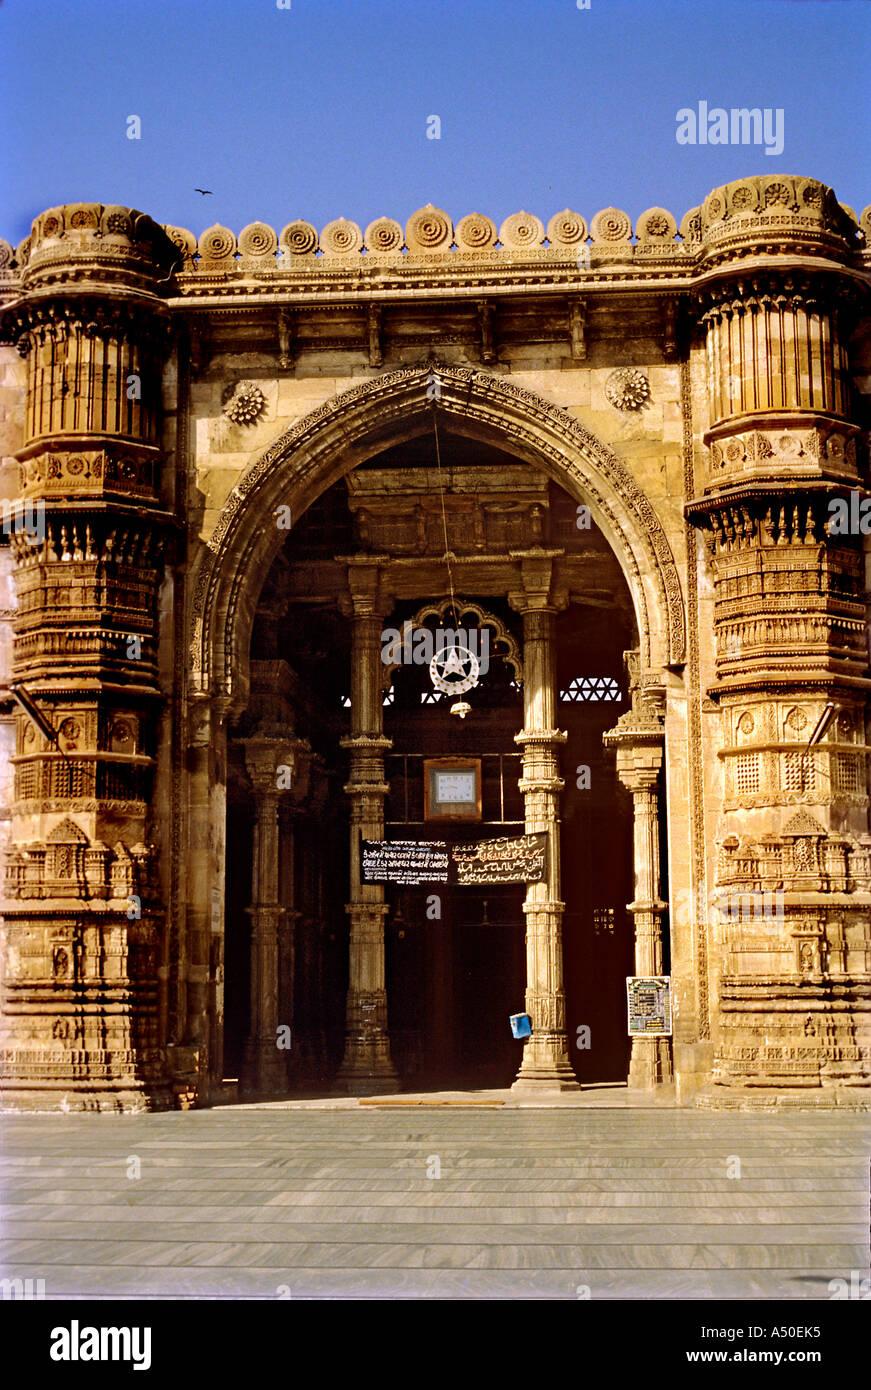 Jam e Masjid in Gujarat India - Stock Image